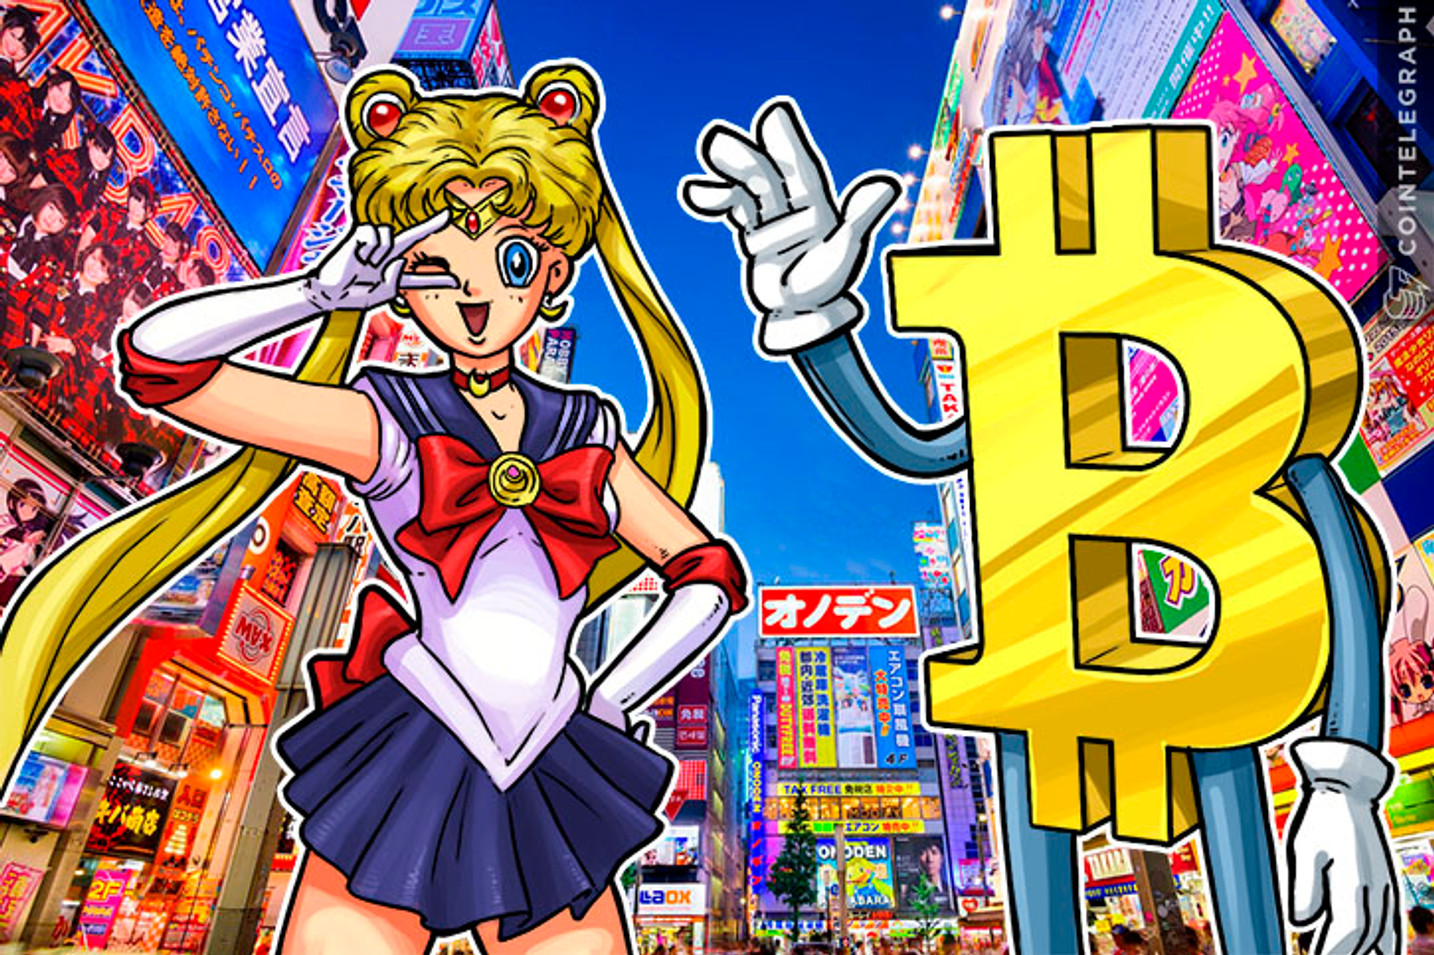 Japan's Electronics Marketplace Starts Adopting Bitcoin